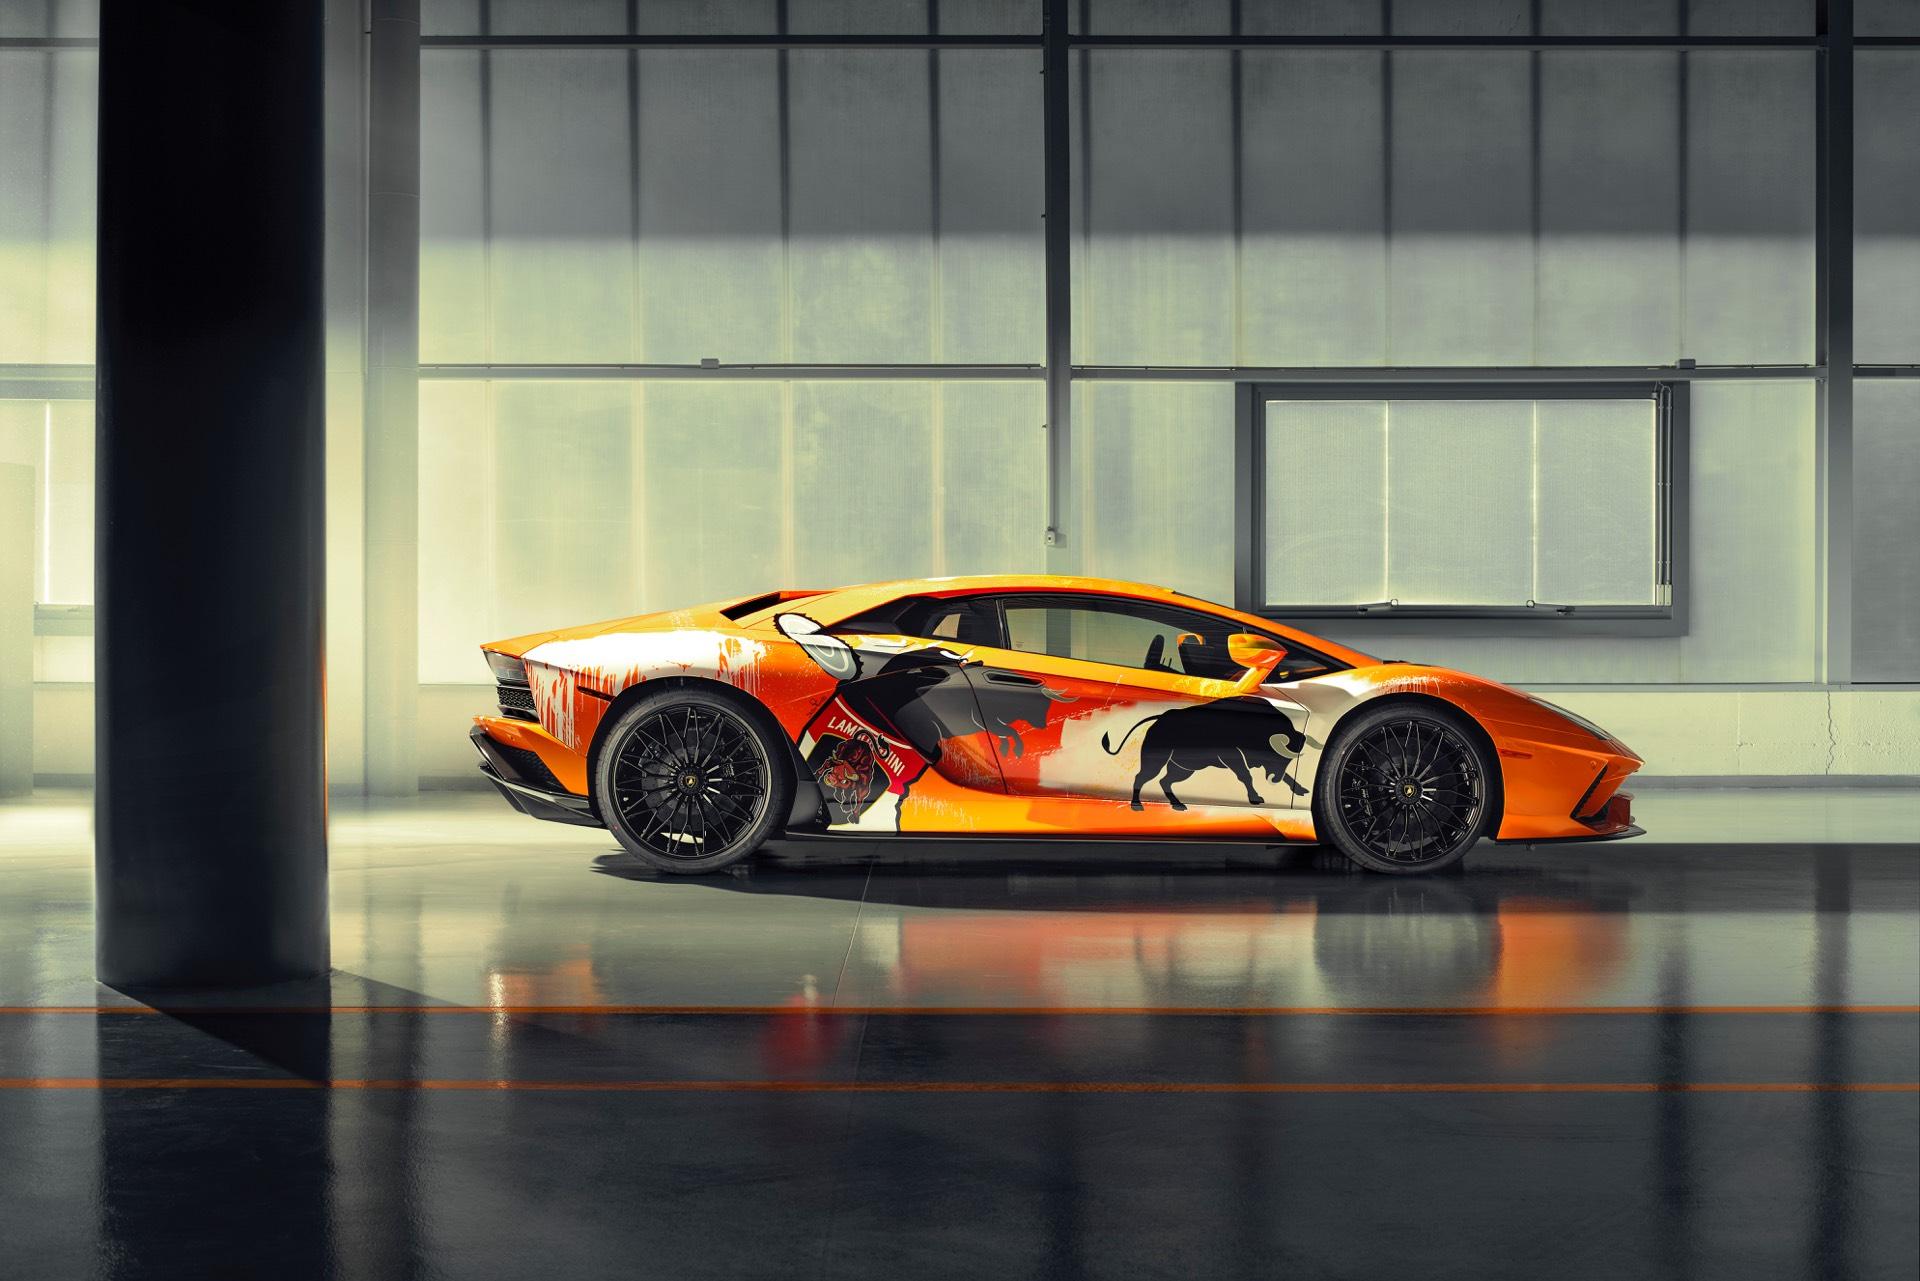 Skyler-Grey-Lamborghini-Aventador-S-Art-Car27